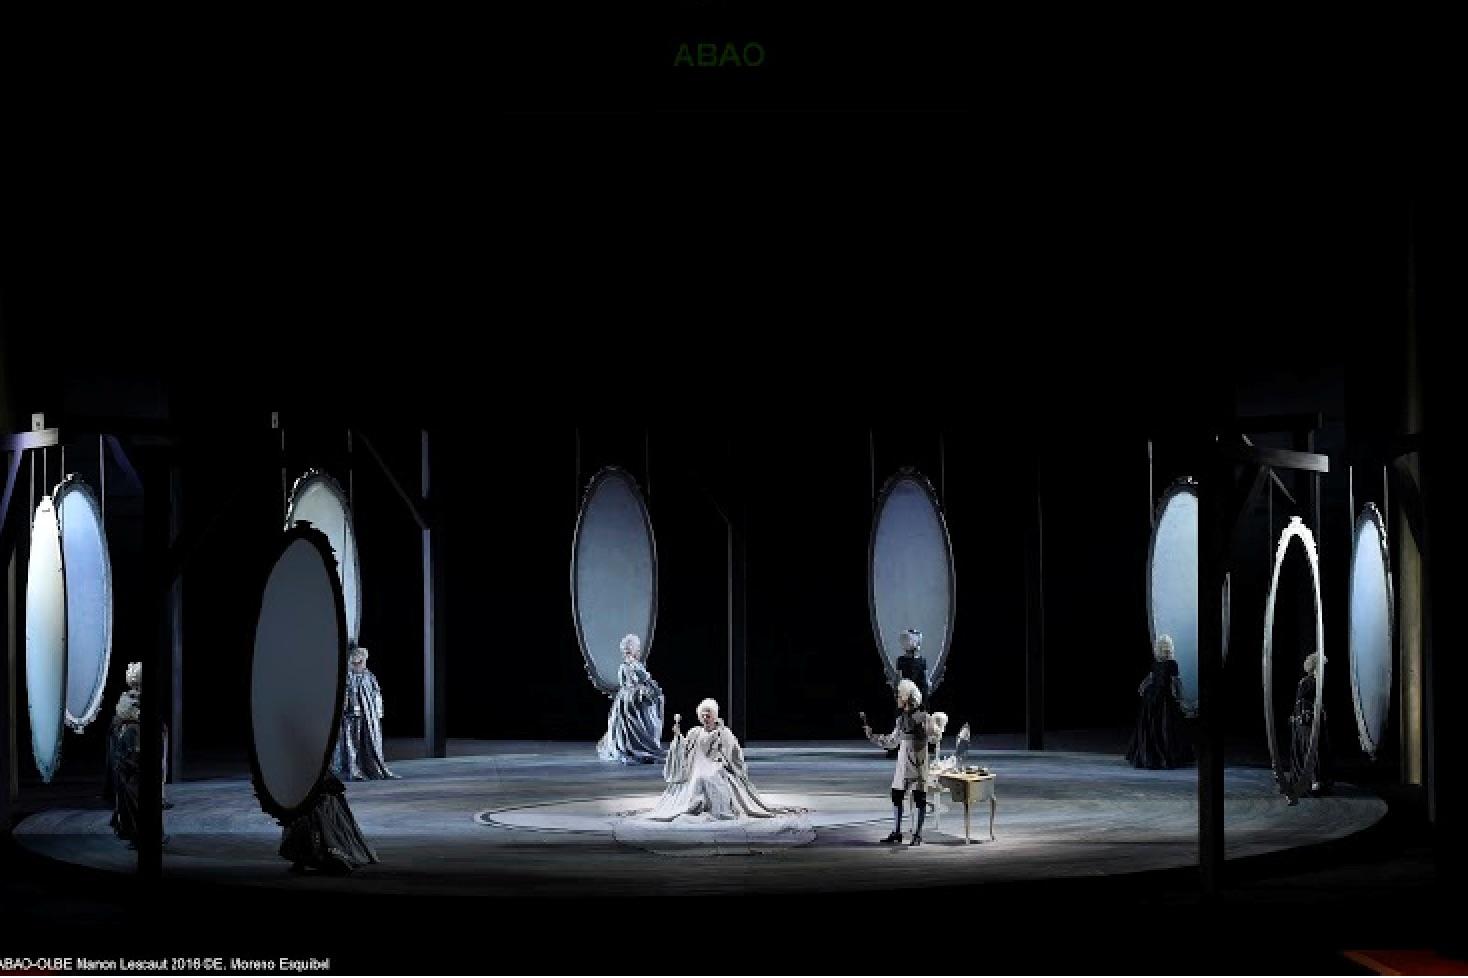 Puccini bien servido musical y vocalmente por ABAO